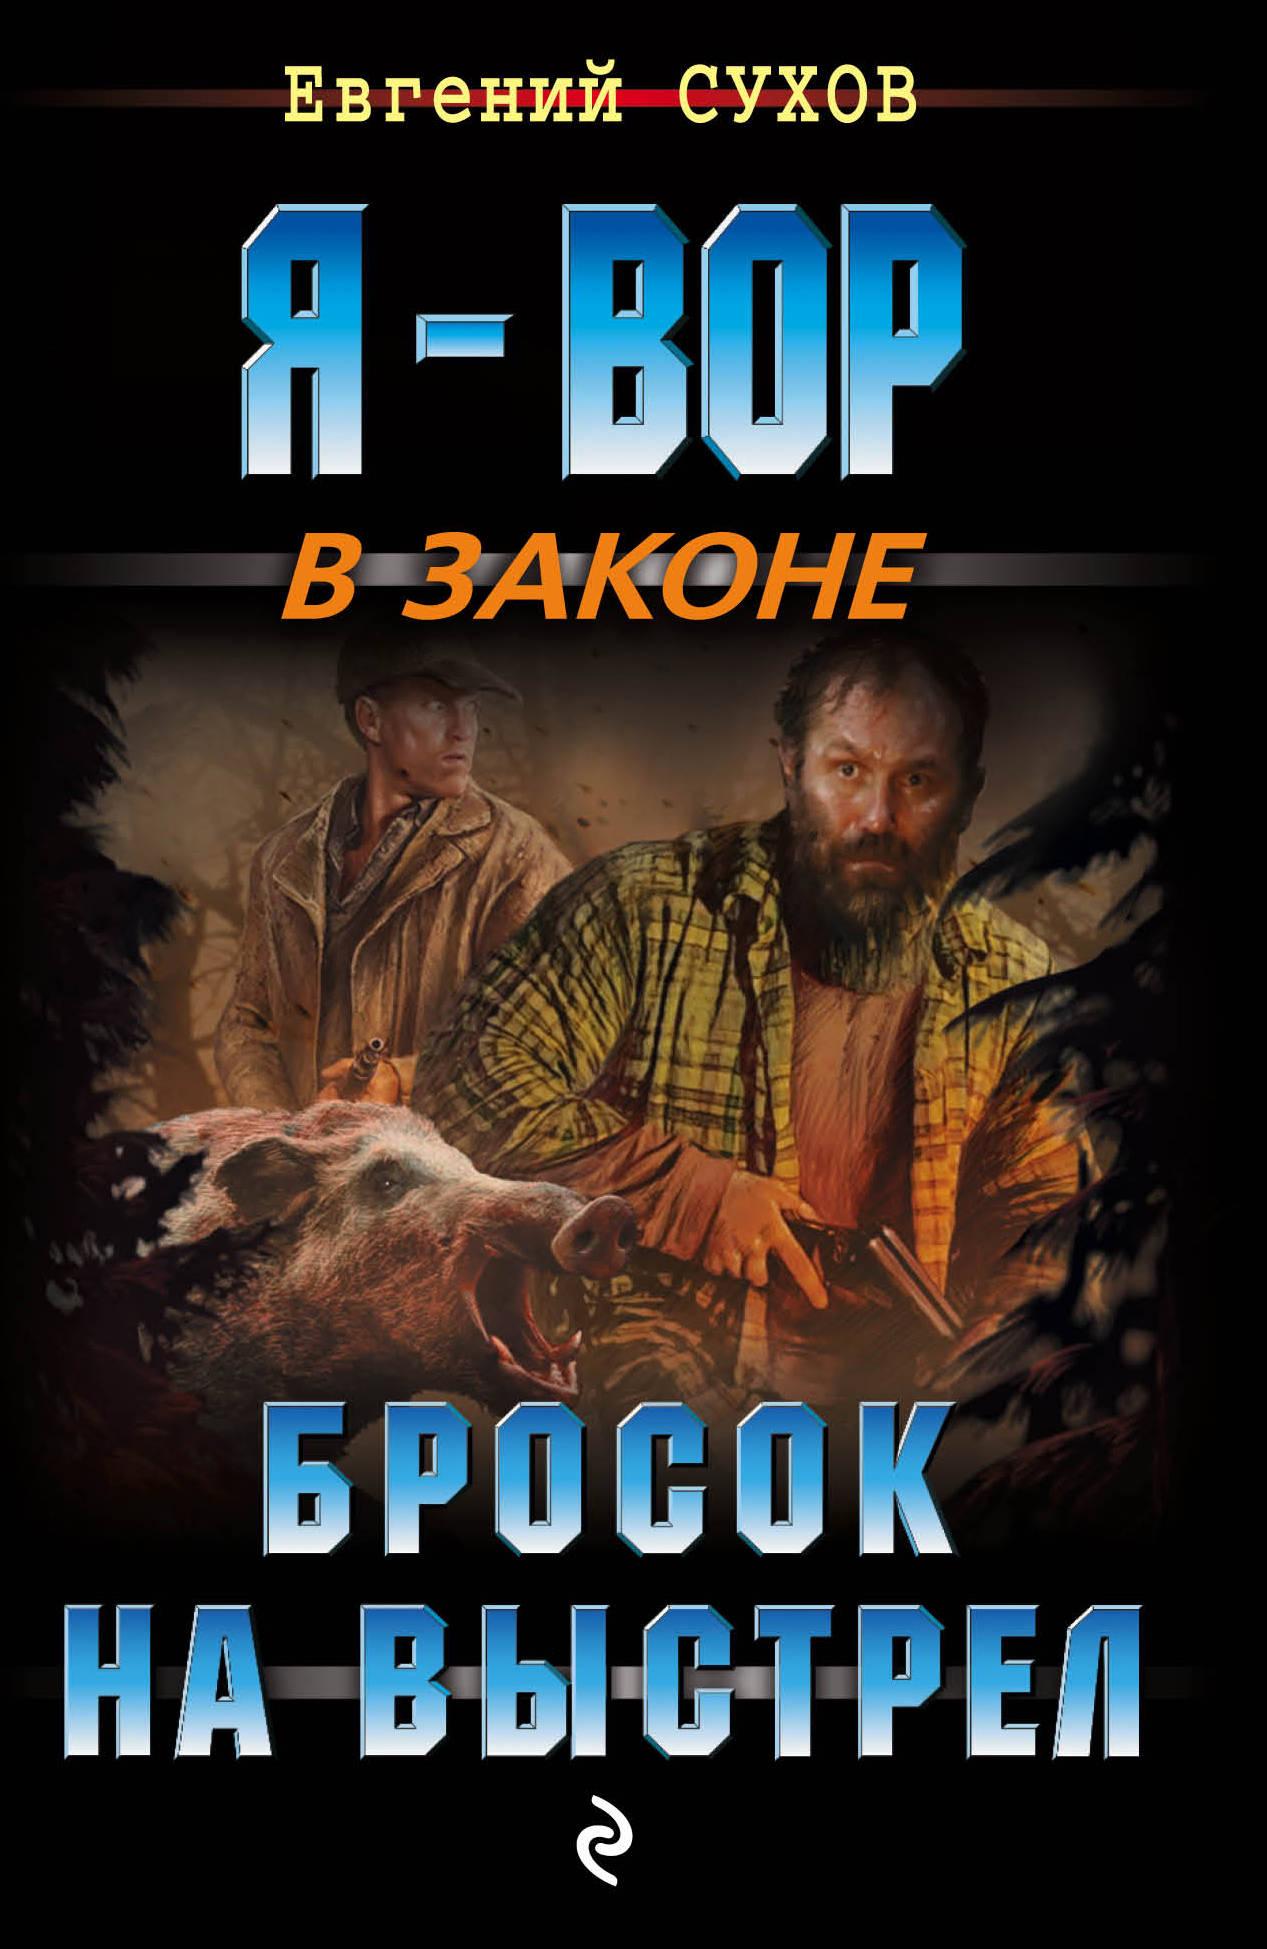 Обложка книги Бросок на выстрел